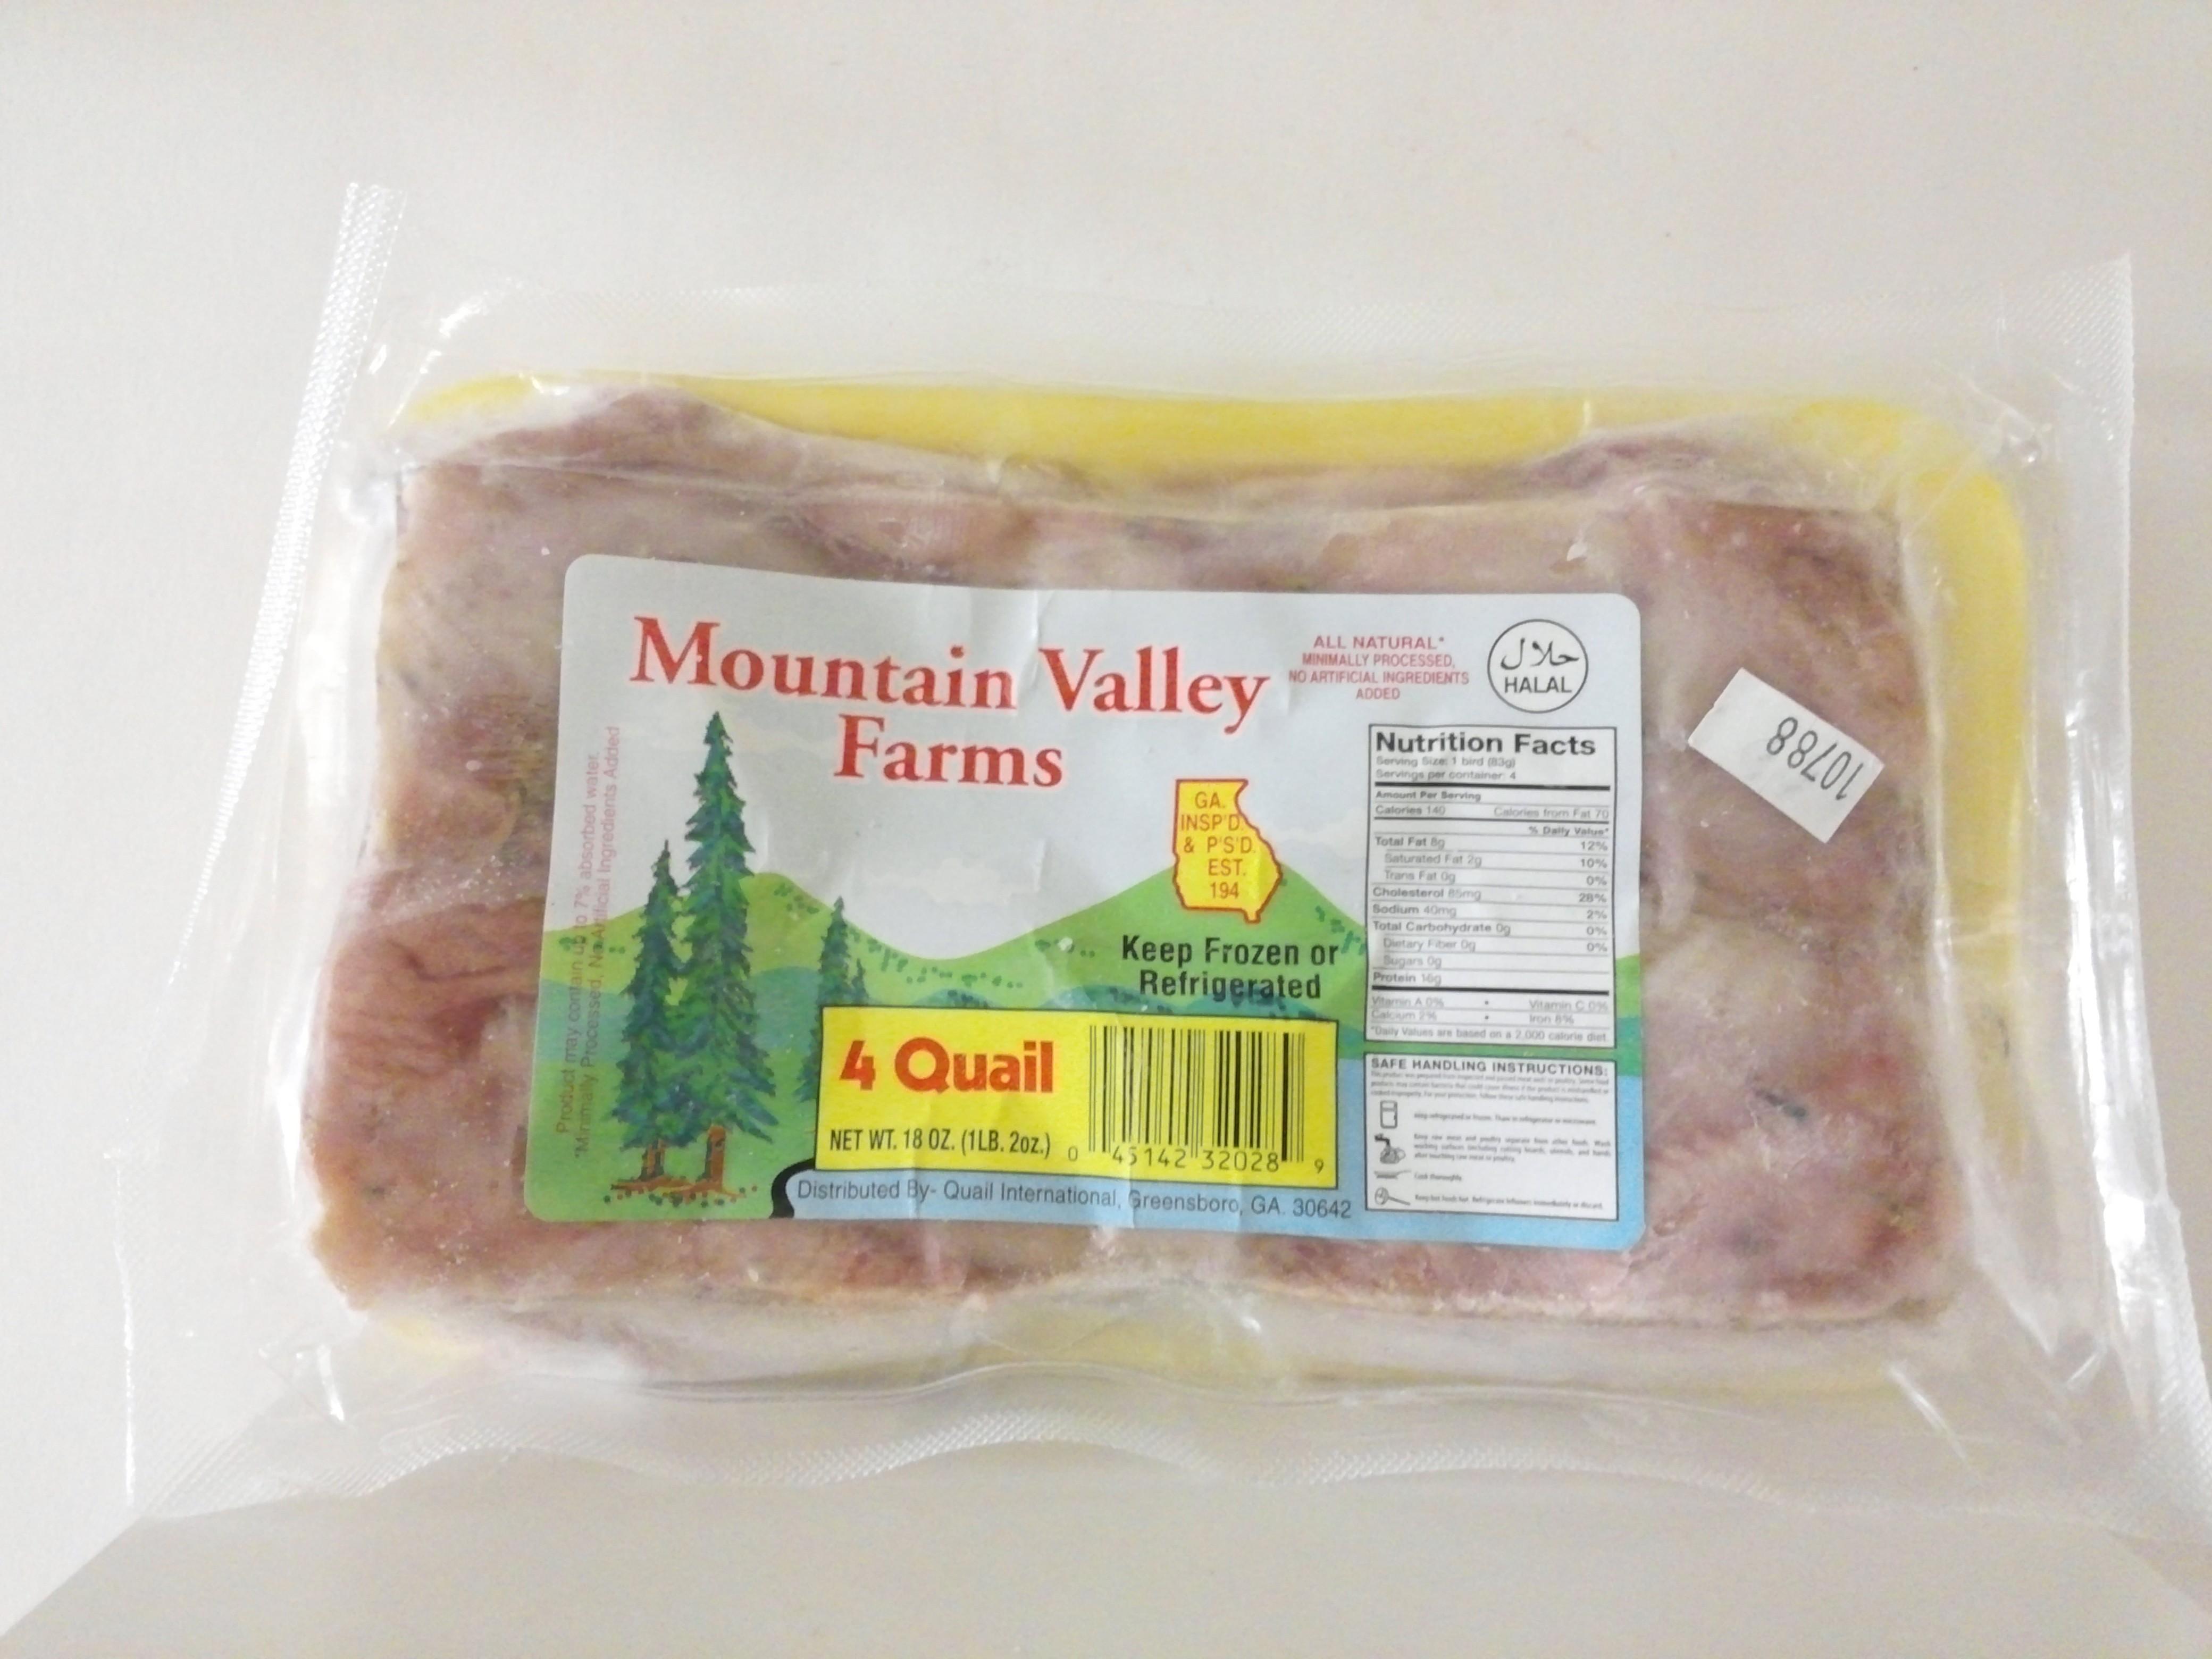 Mountain Valley Farm's Quail, 4nos-18 oz